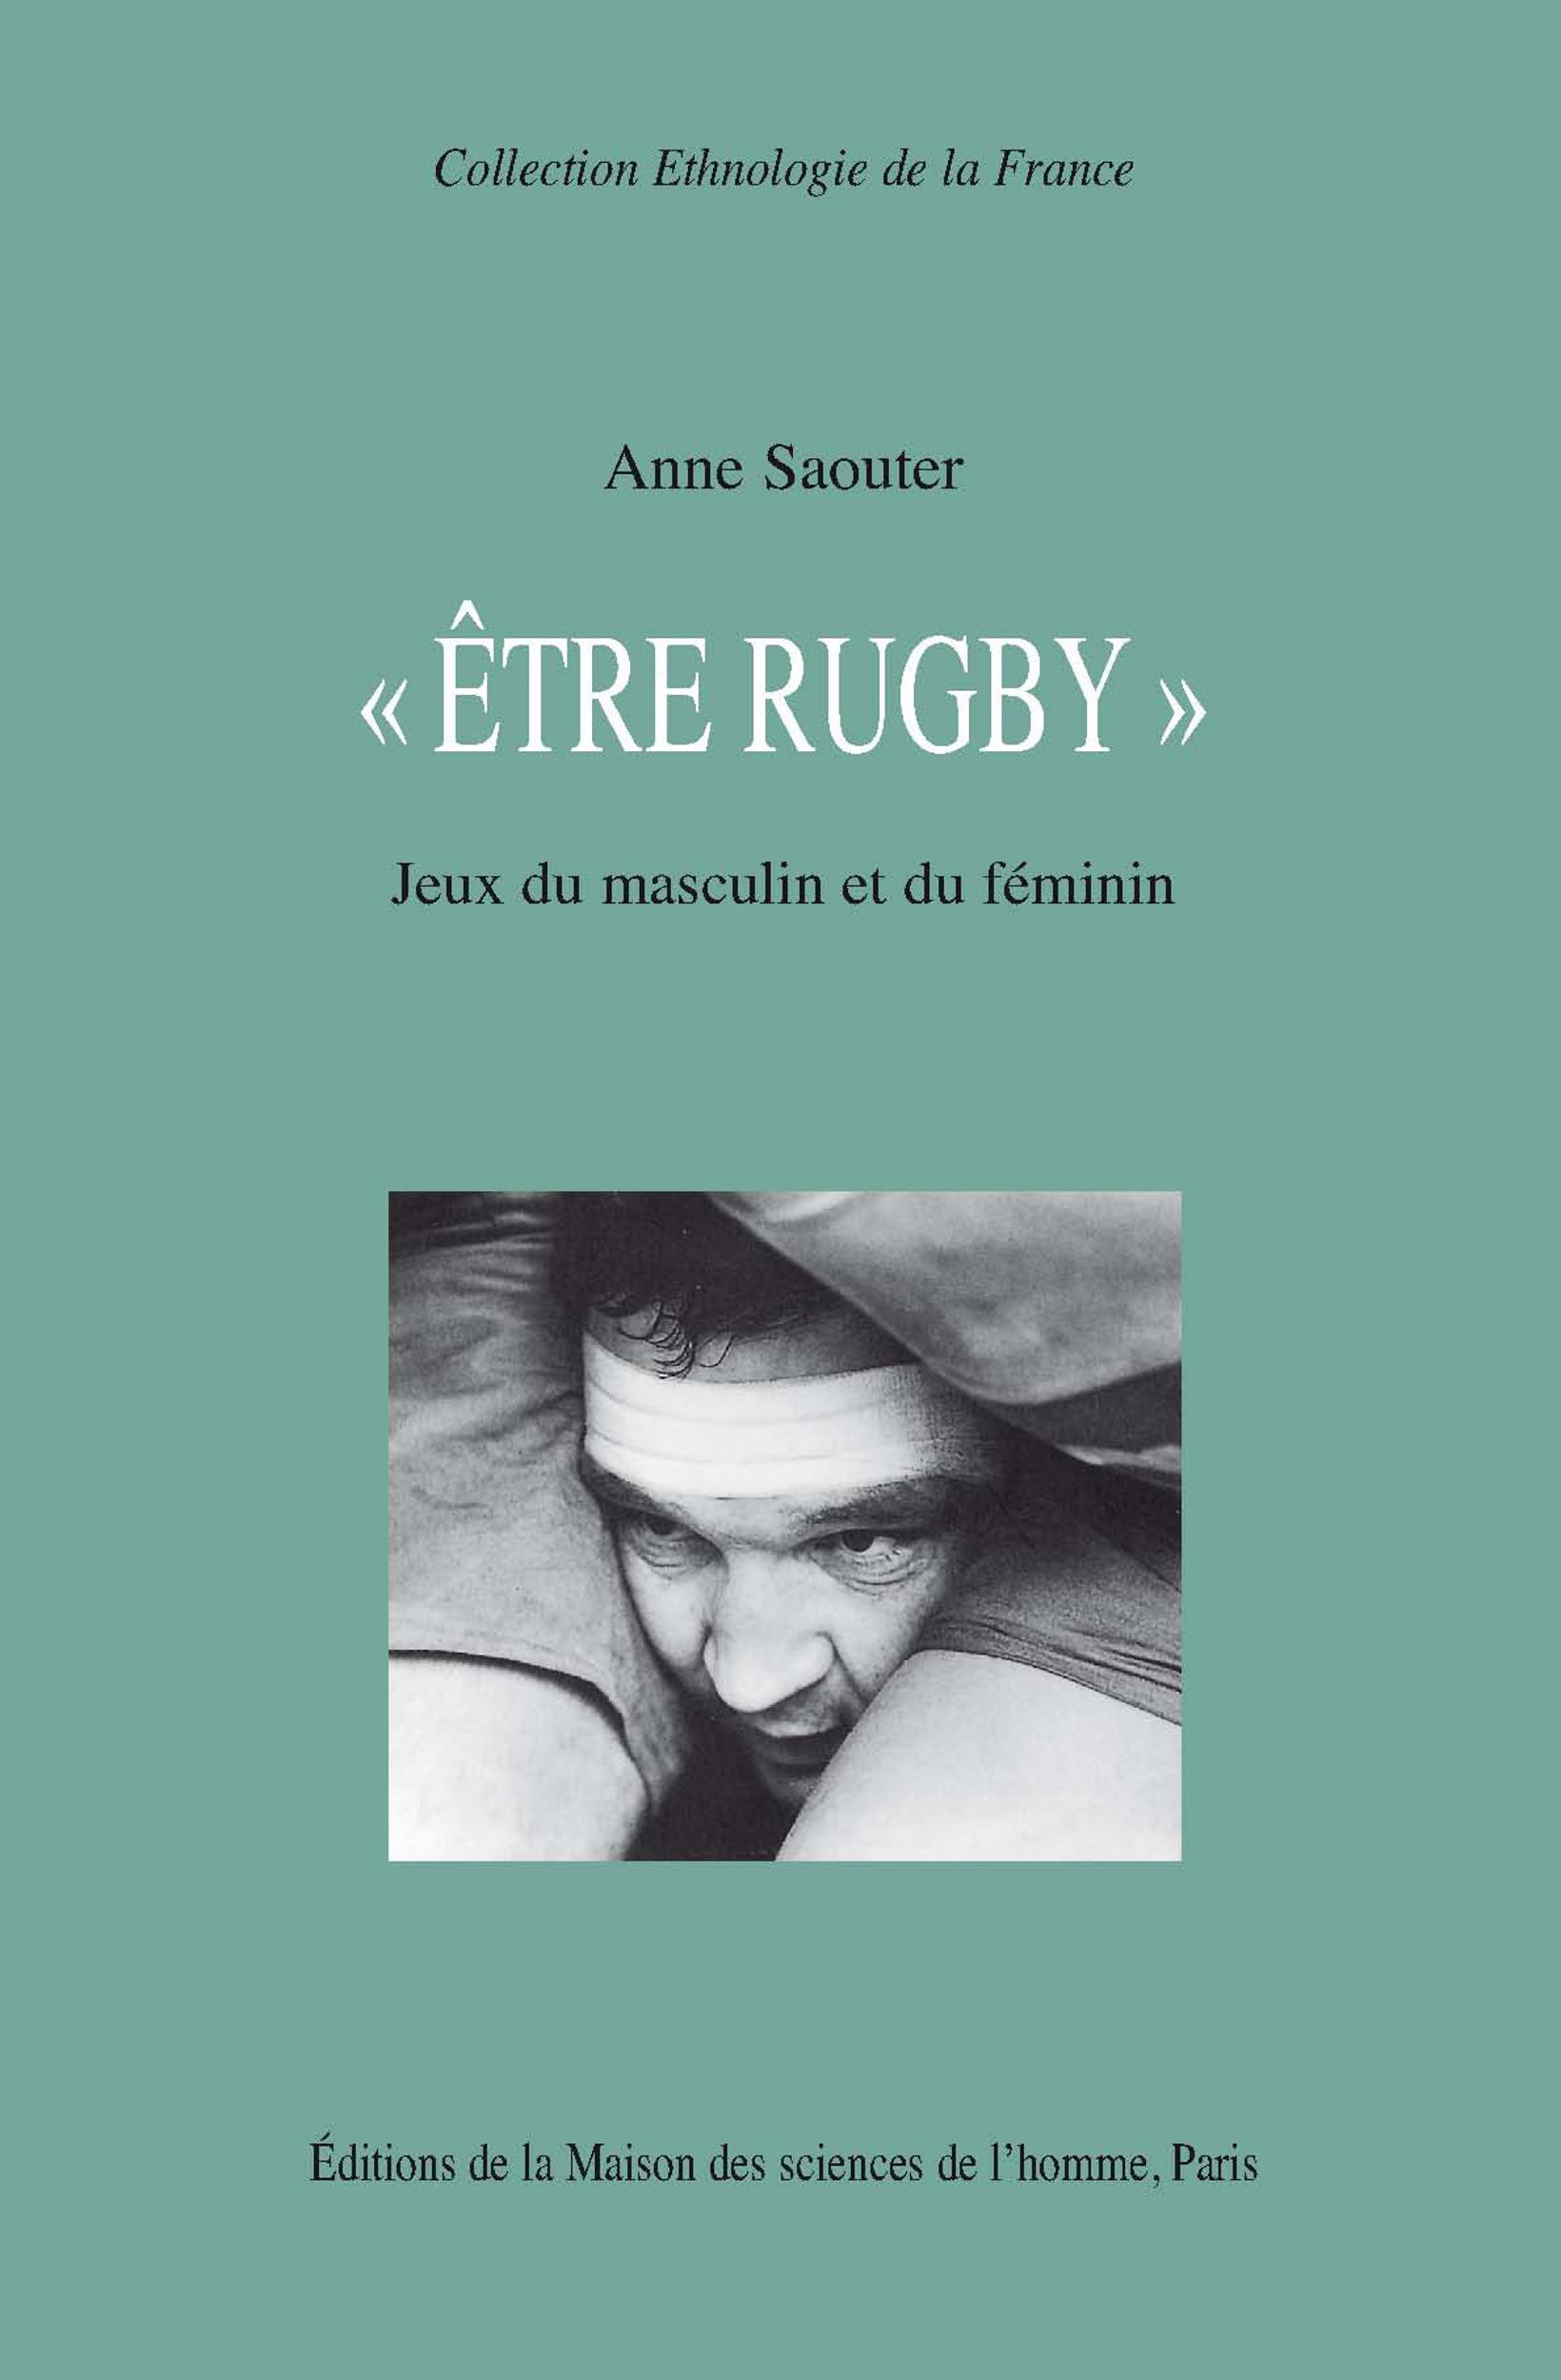 etre rugby - jeux du masculin et du feminin